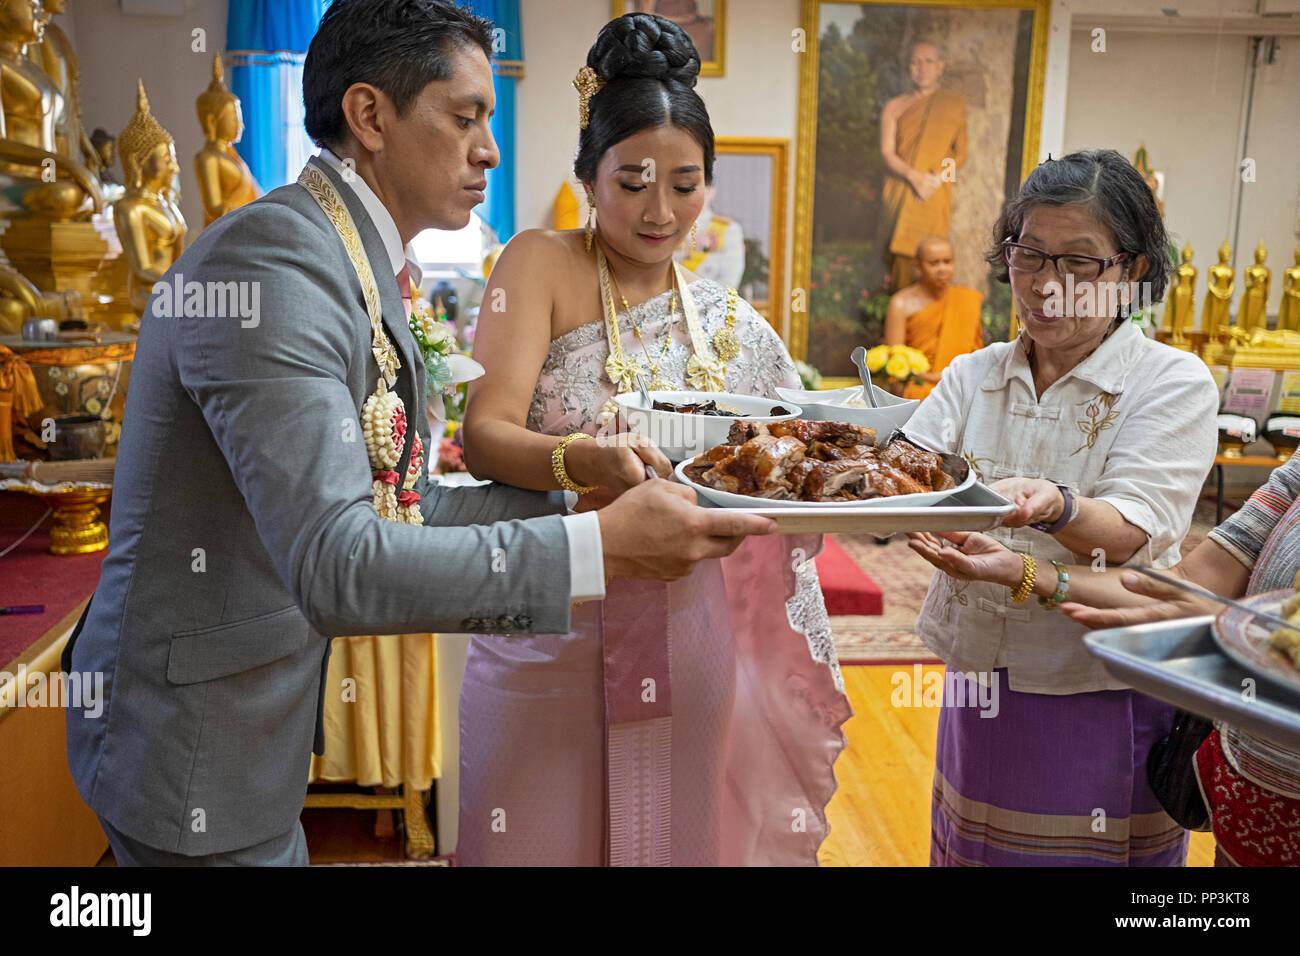 Recién casados en un templo budista participar en la tradición, donde la congregación alimentando a los monjes. En Queens, Nueva York. Imagen De Stock